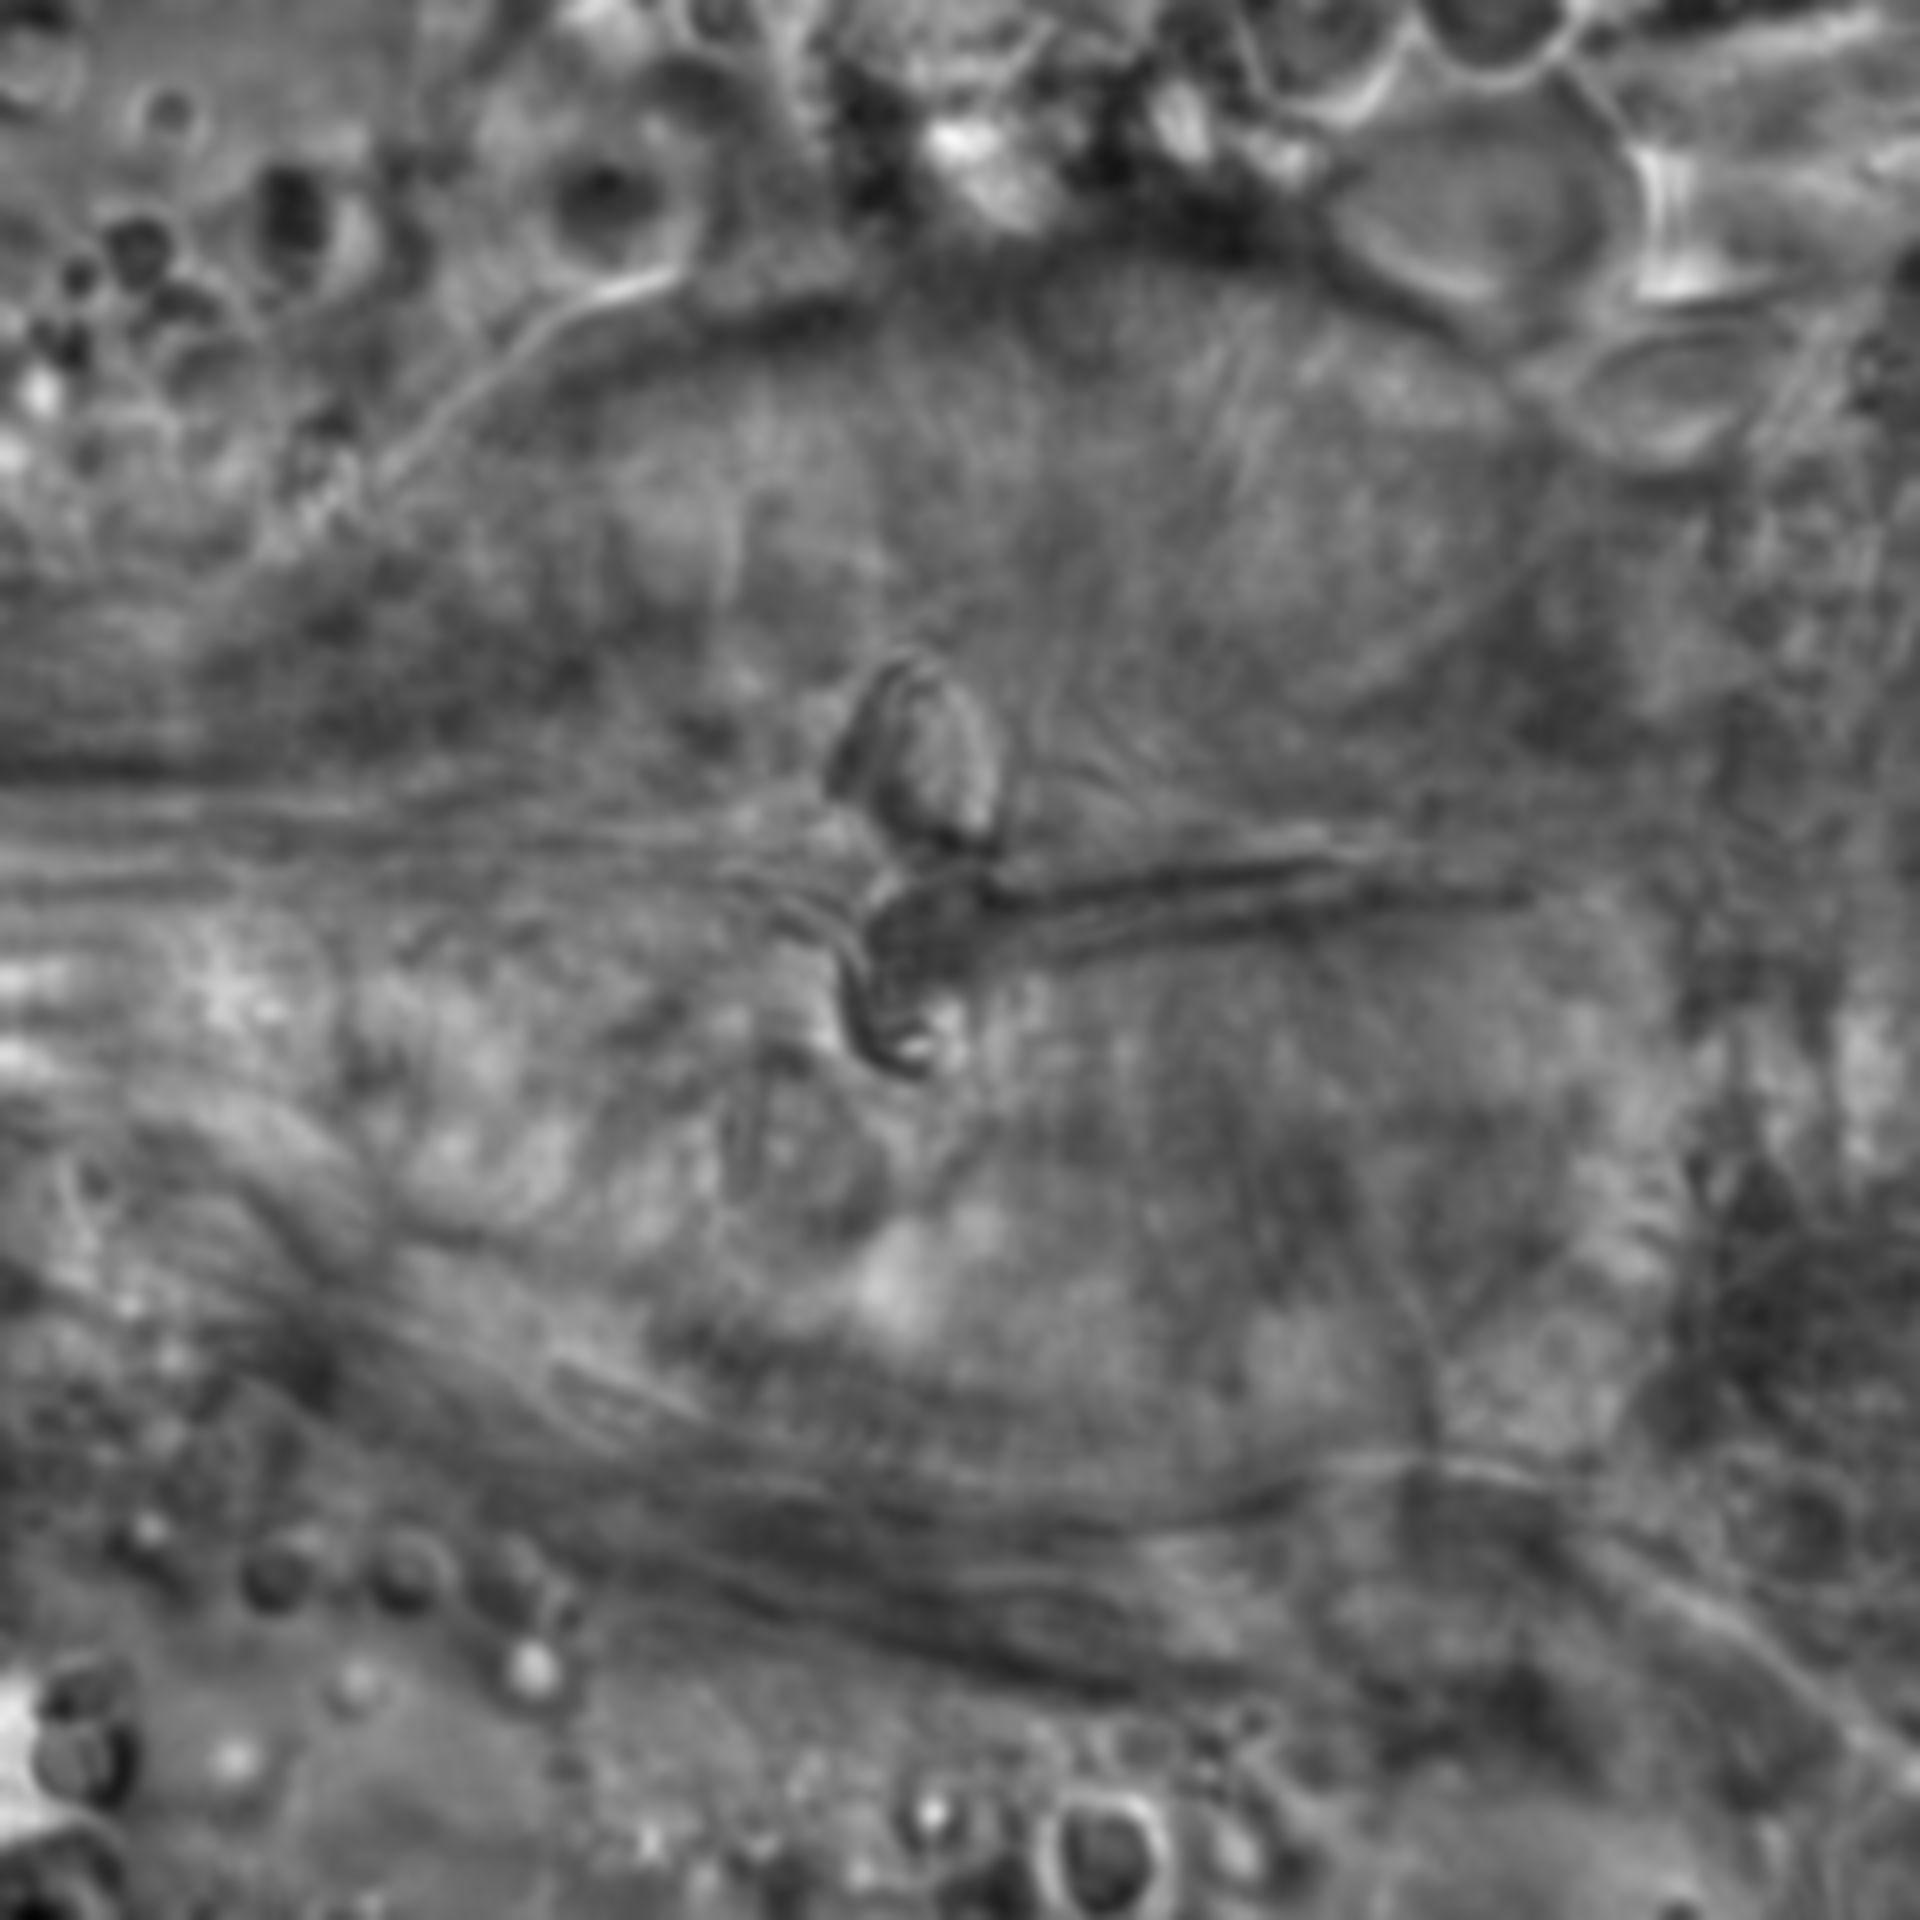 Caenorhabditis elegans - CIL:1697